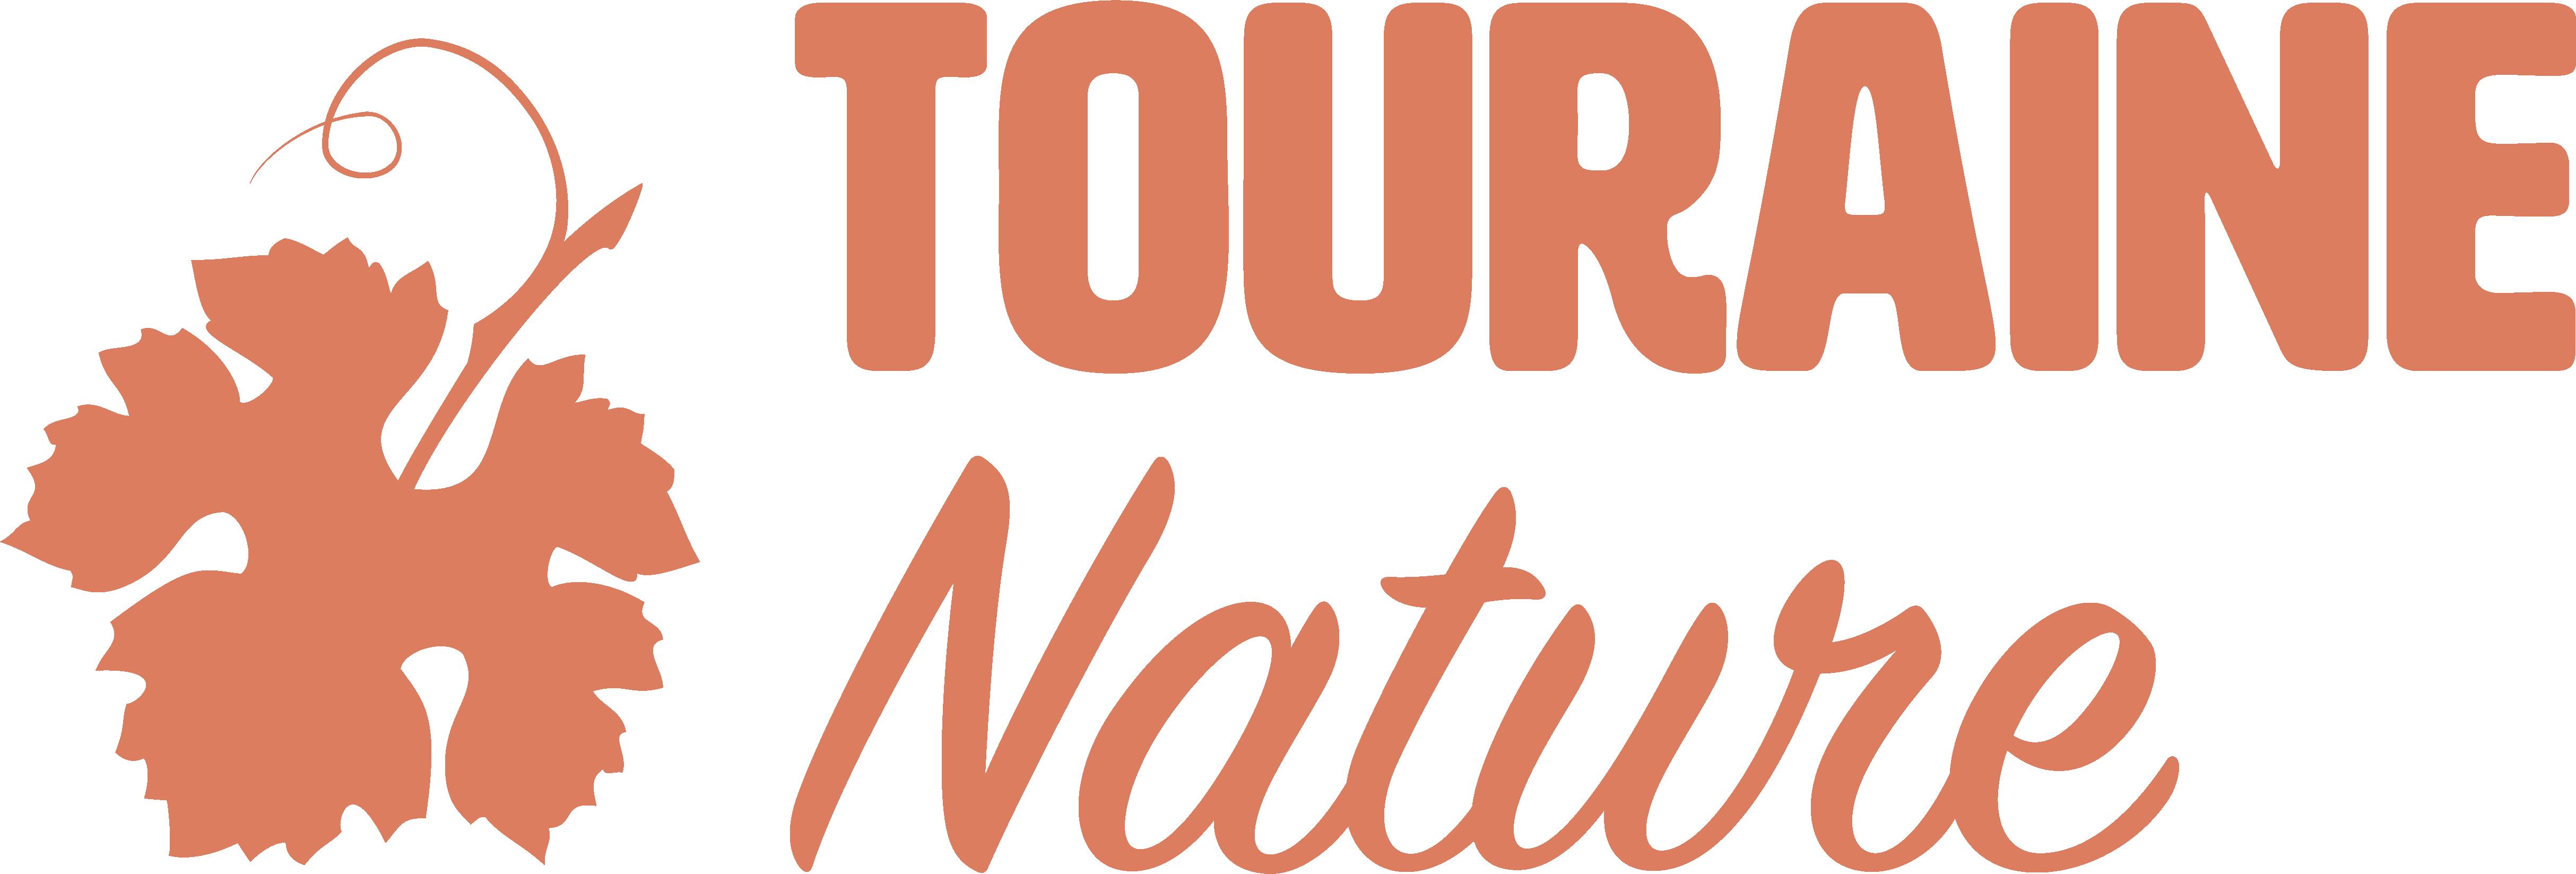 logo-ottn-2018-saumon.HD.png